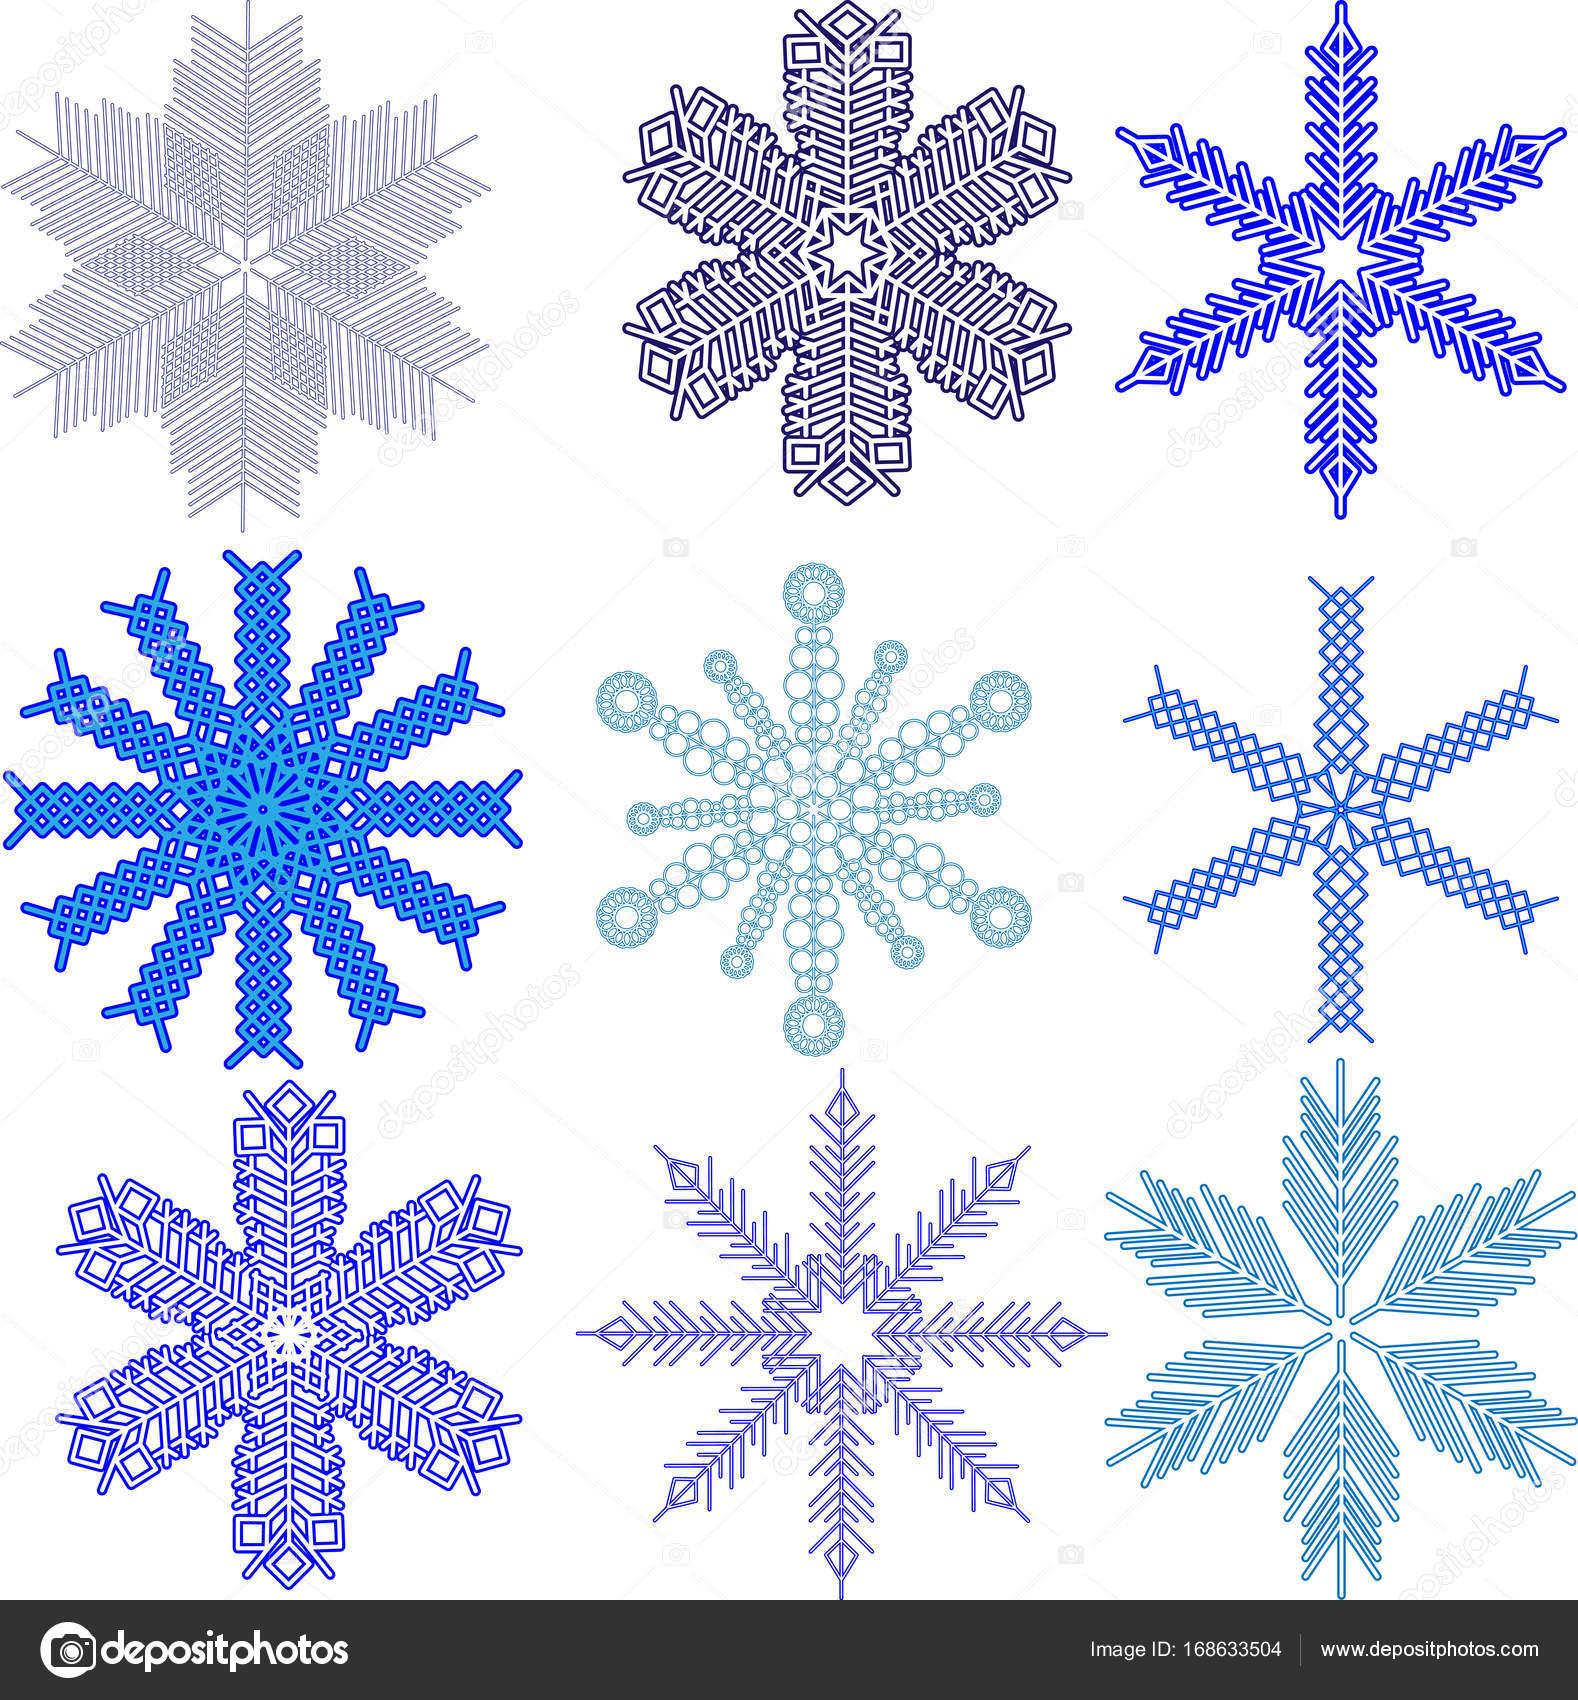 Vektor-Schneeflocken-Set. Schnee, Weihnachten, Schneeflocke ...